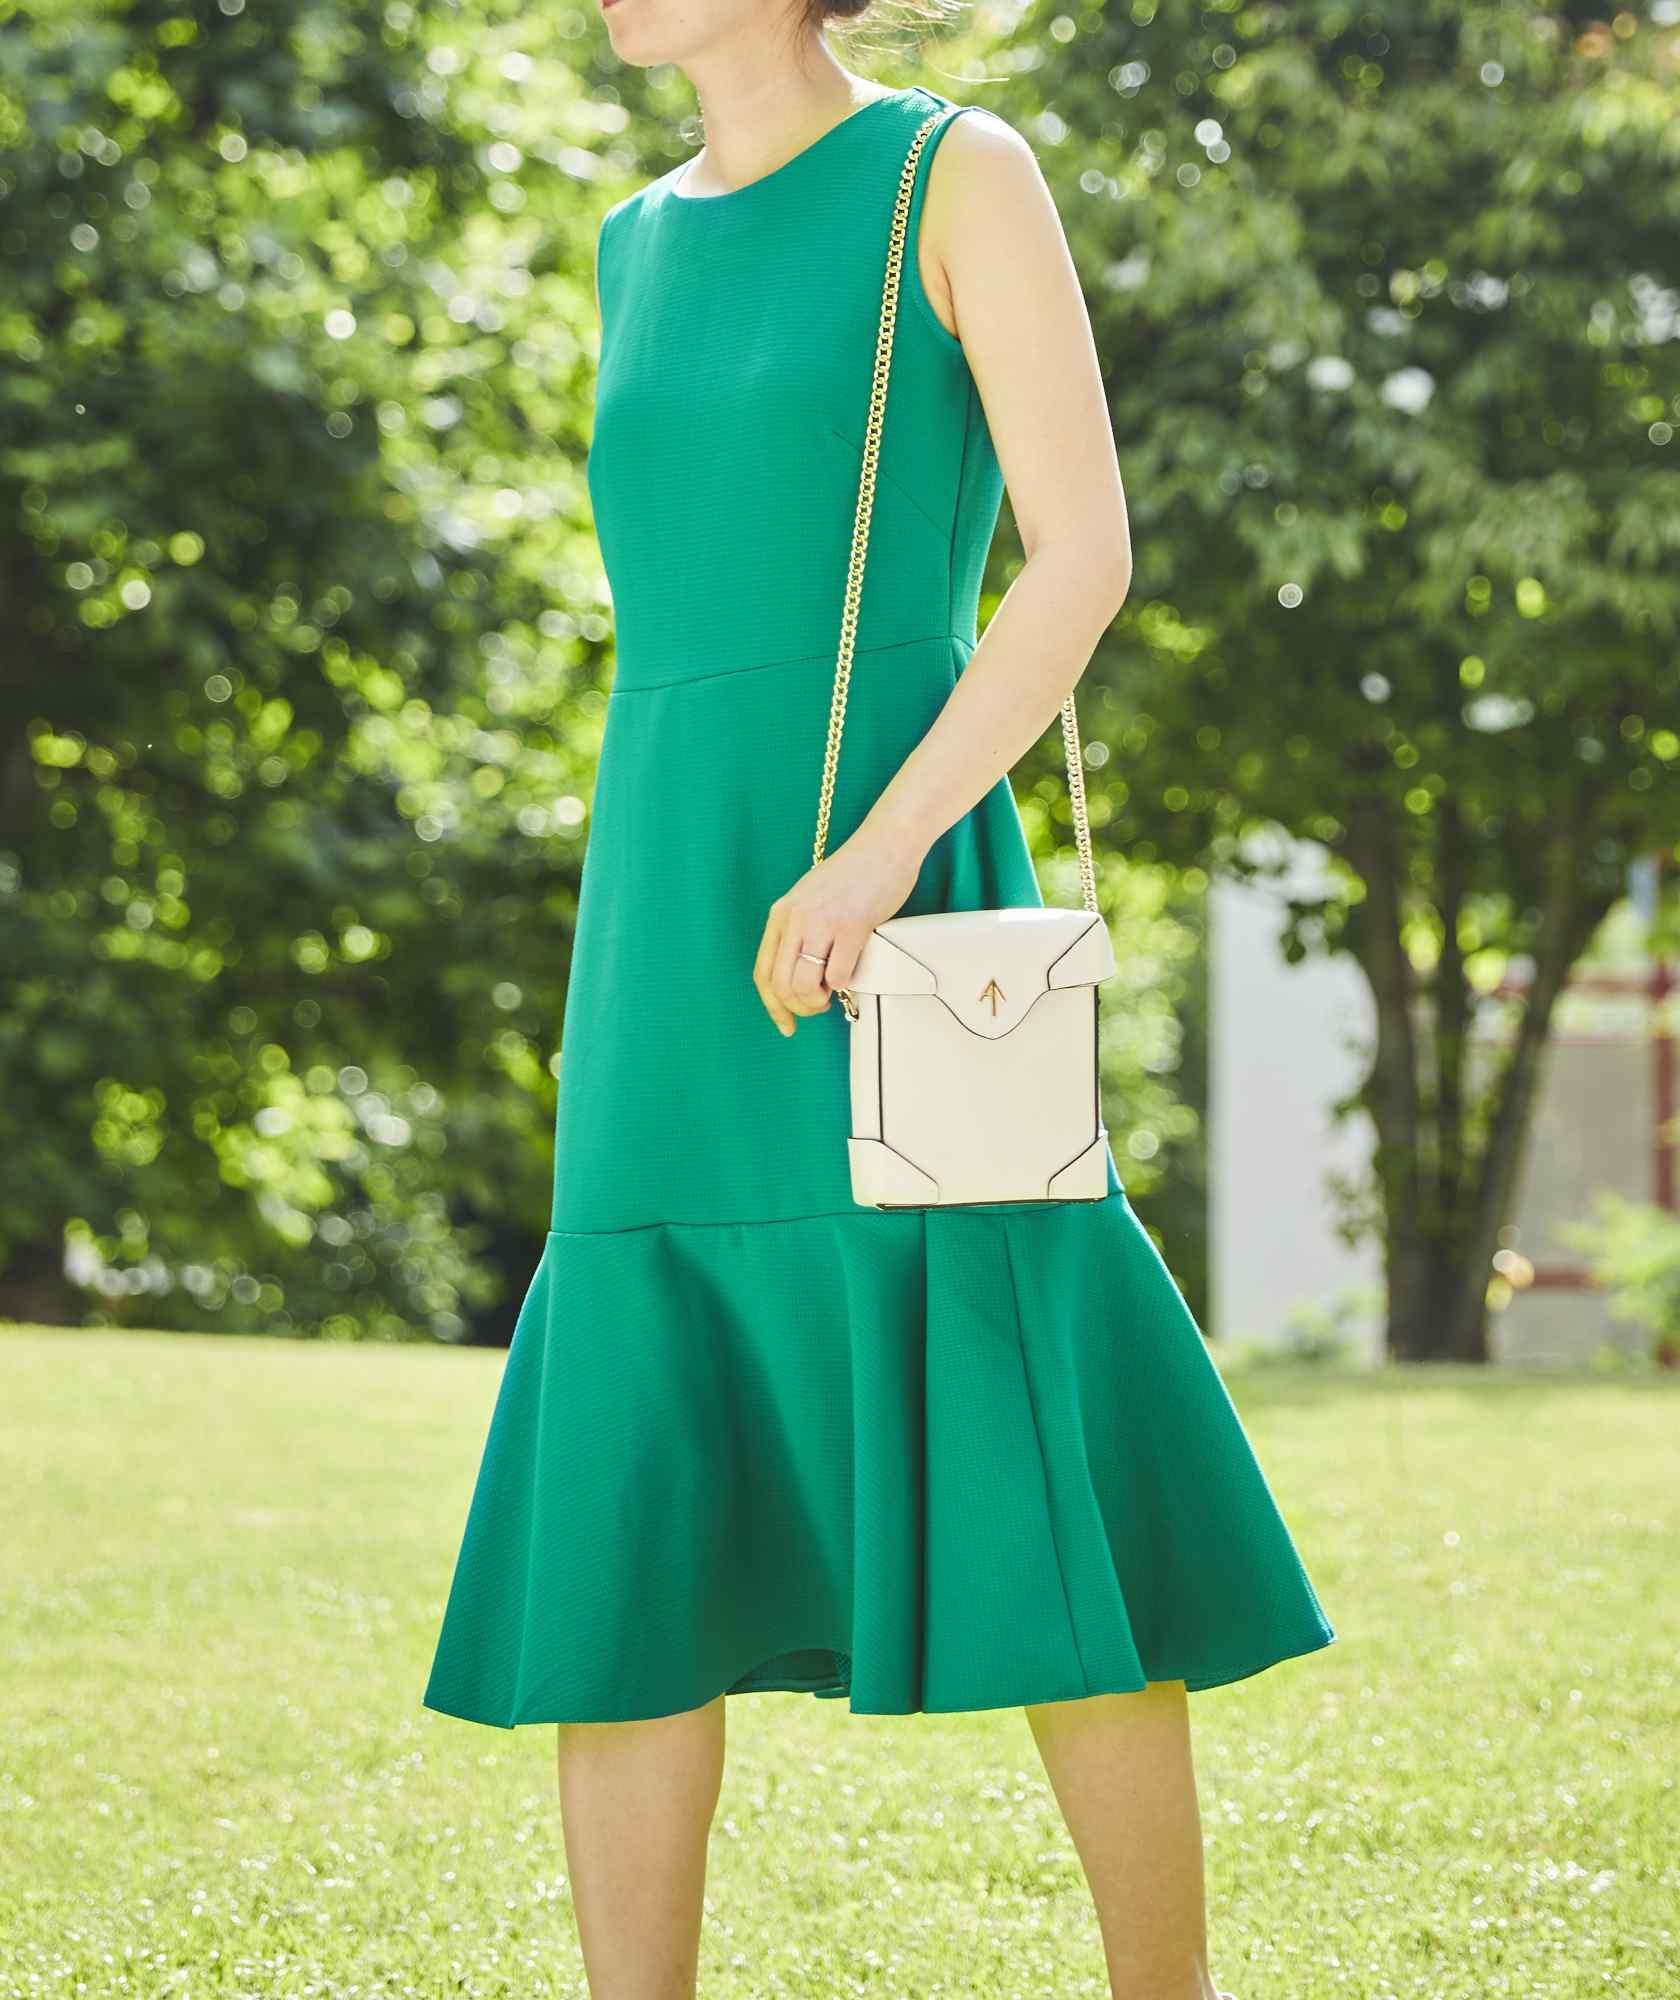 マーメイドラインVバックミディアムドレス-グリーン-S-M